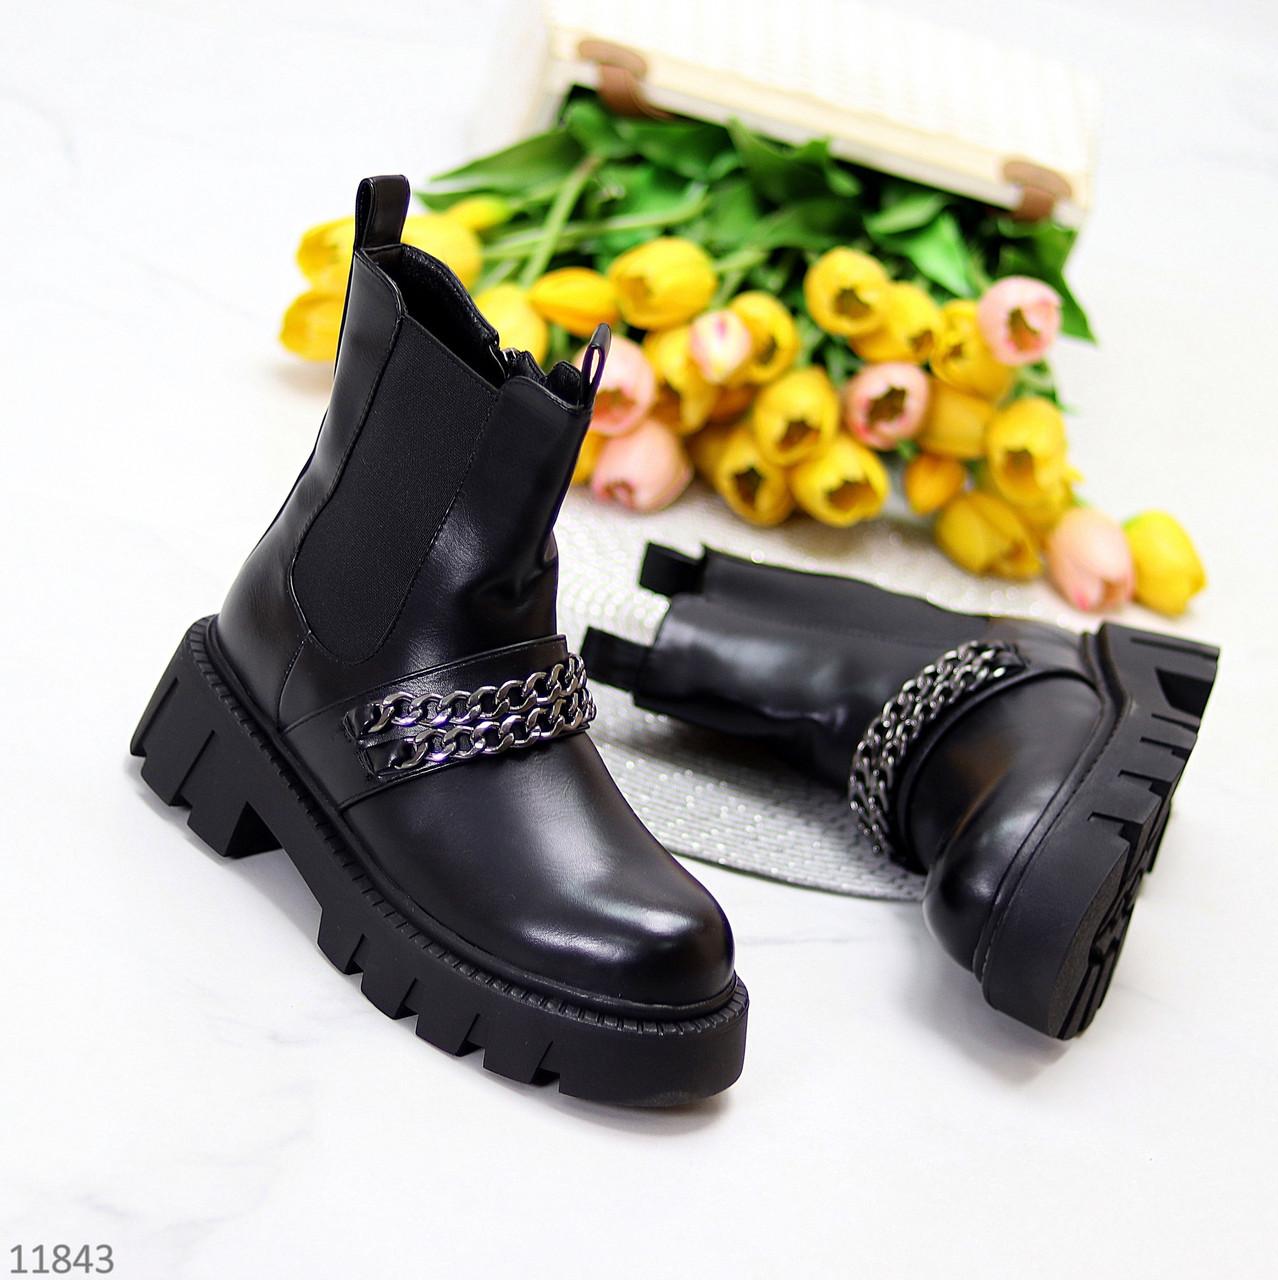 Високі чорні жіночі зимові черевики челсі на блискавці з декором ланцюг